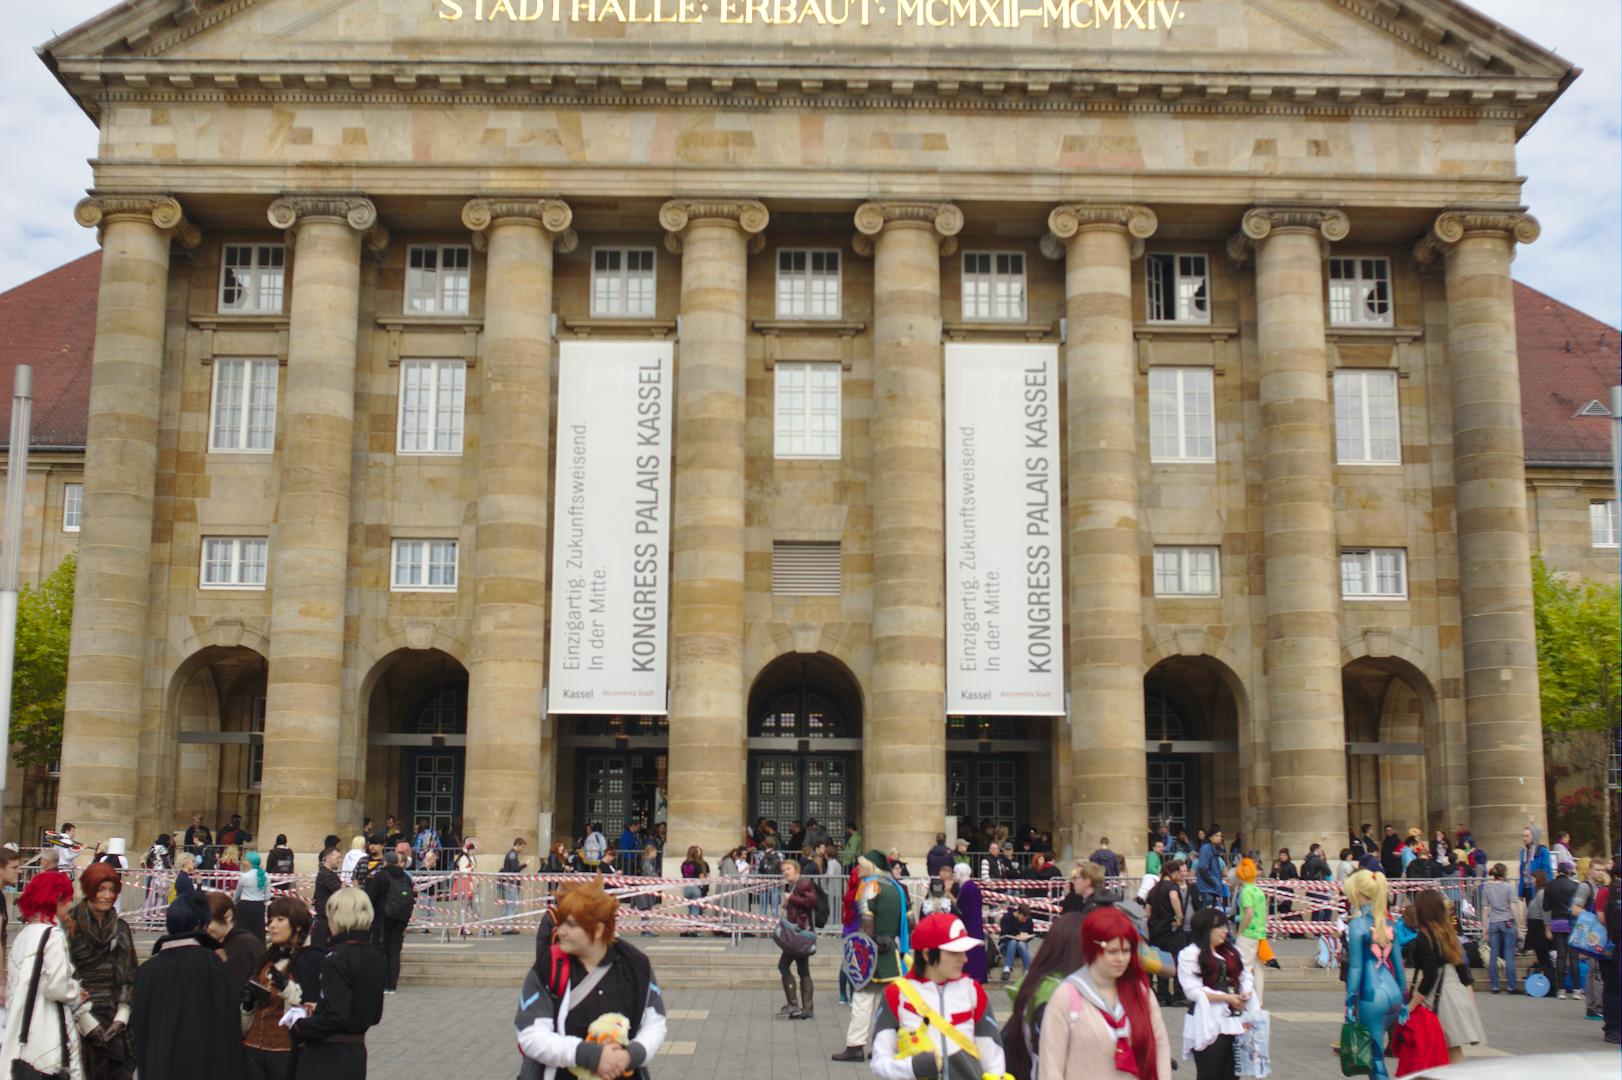 Stadt Halle Kassel, Eingang der Connichi.